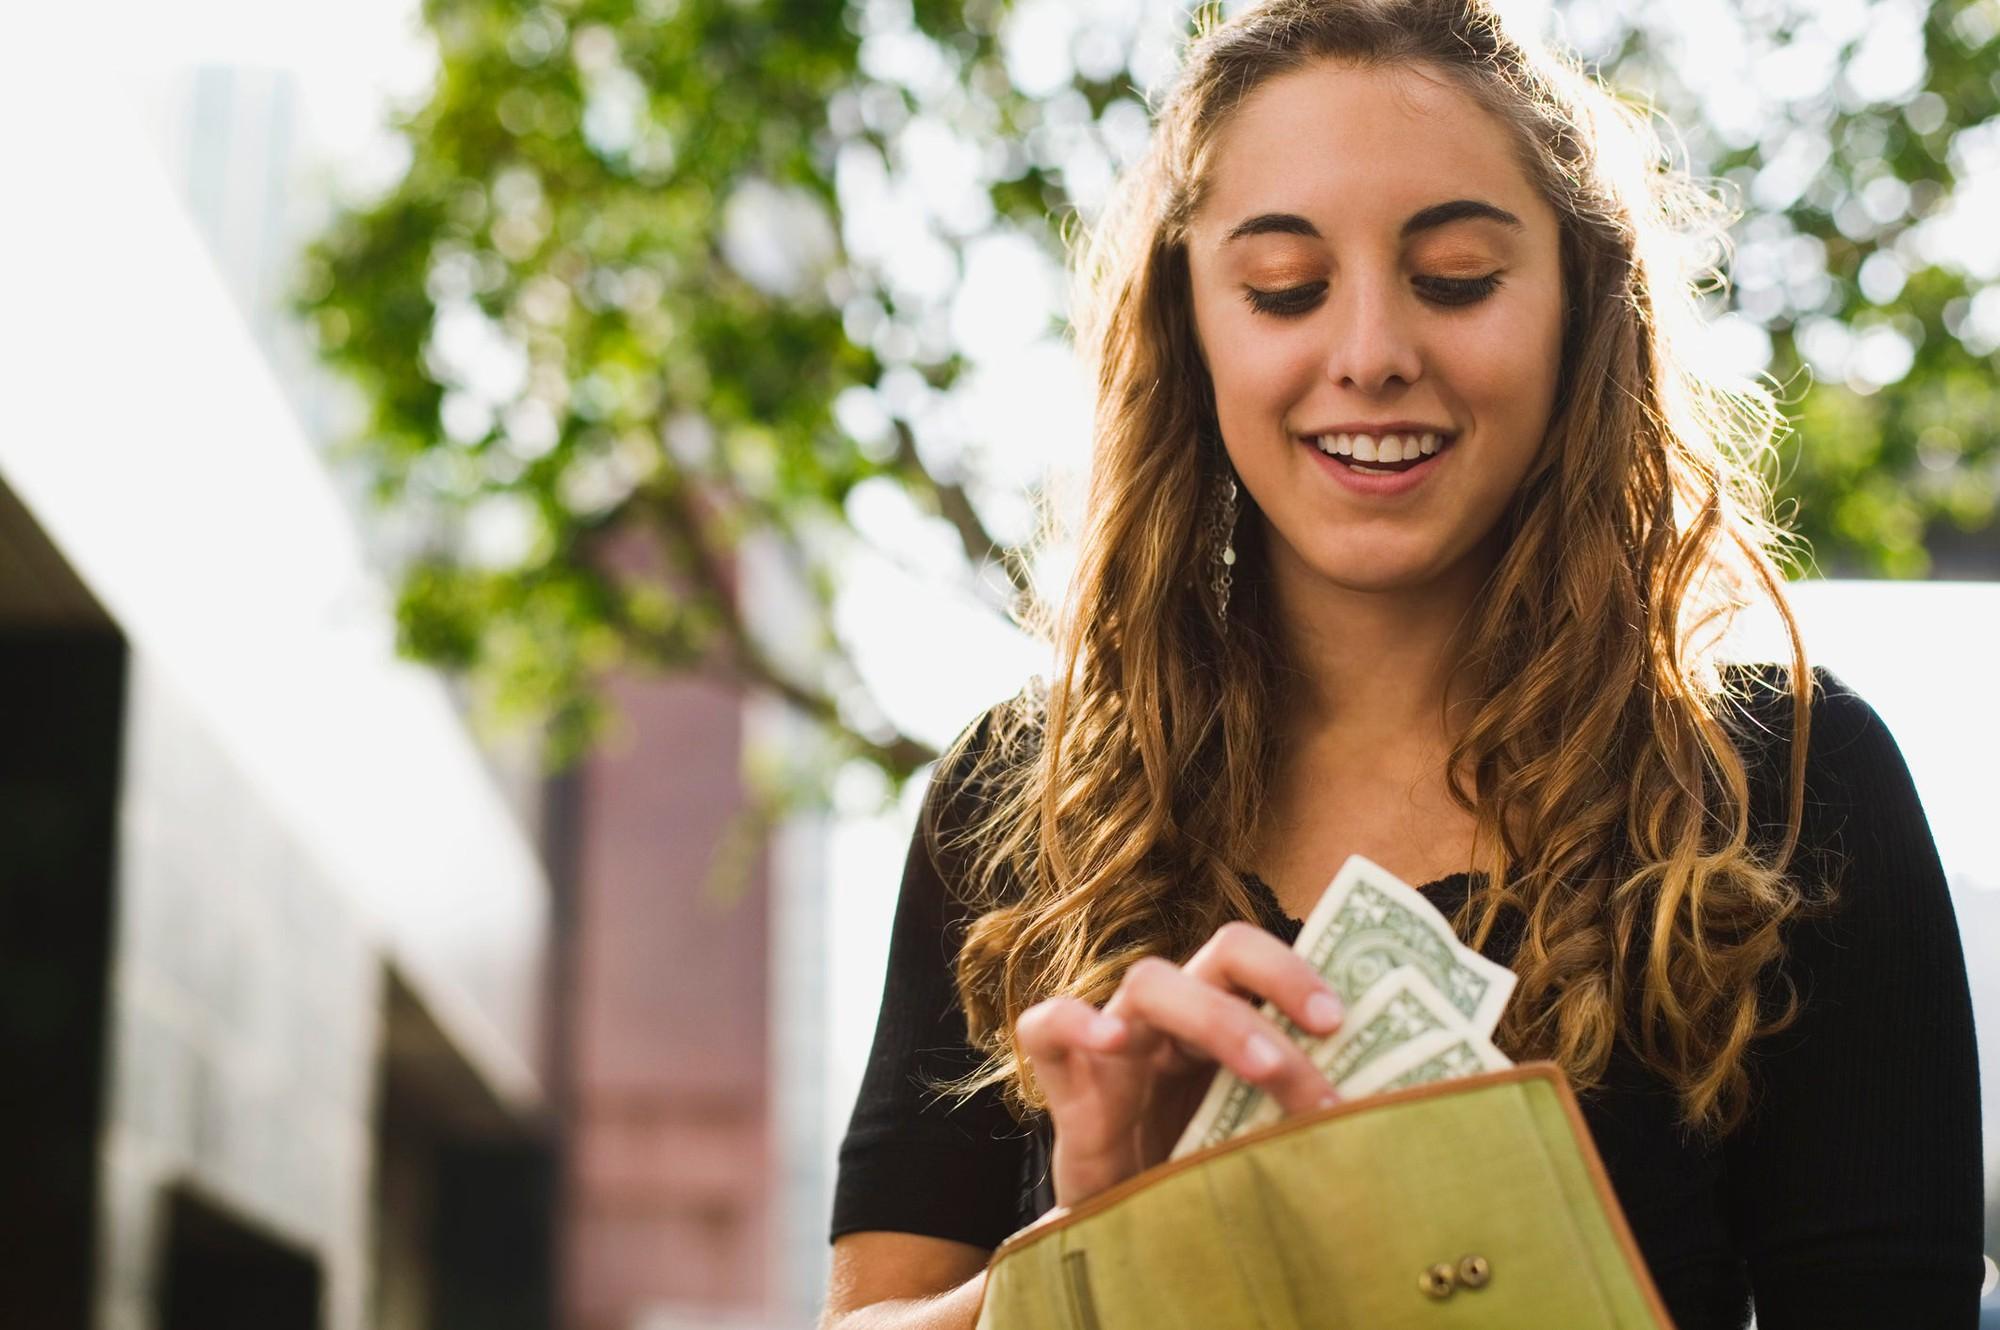 Кошелек и его цвет: какие оттенки притягивают деньги и финансовое благополучие